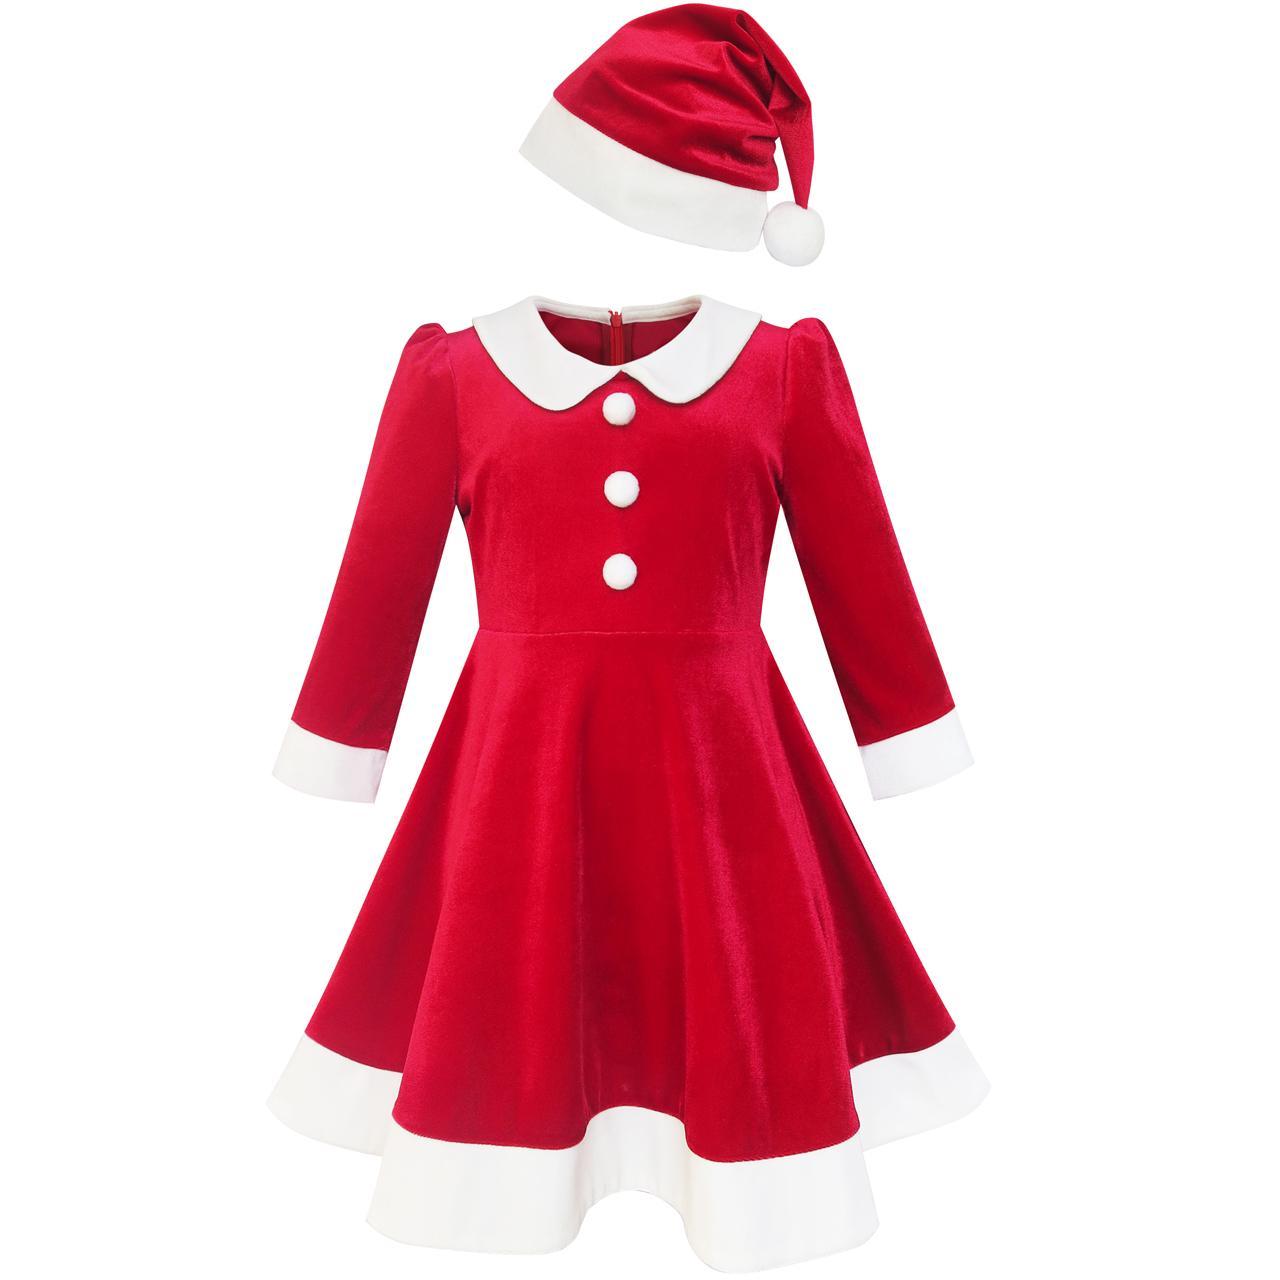 girls dress christmas hat red velvet long sleeve holiday